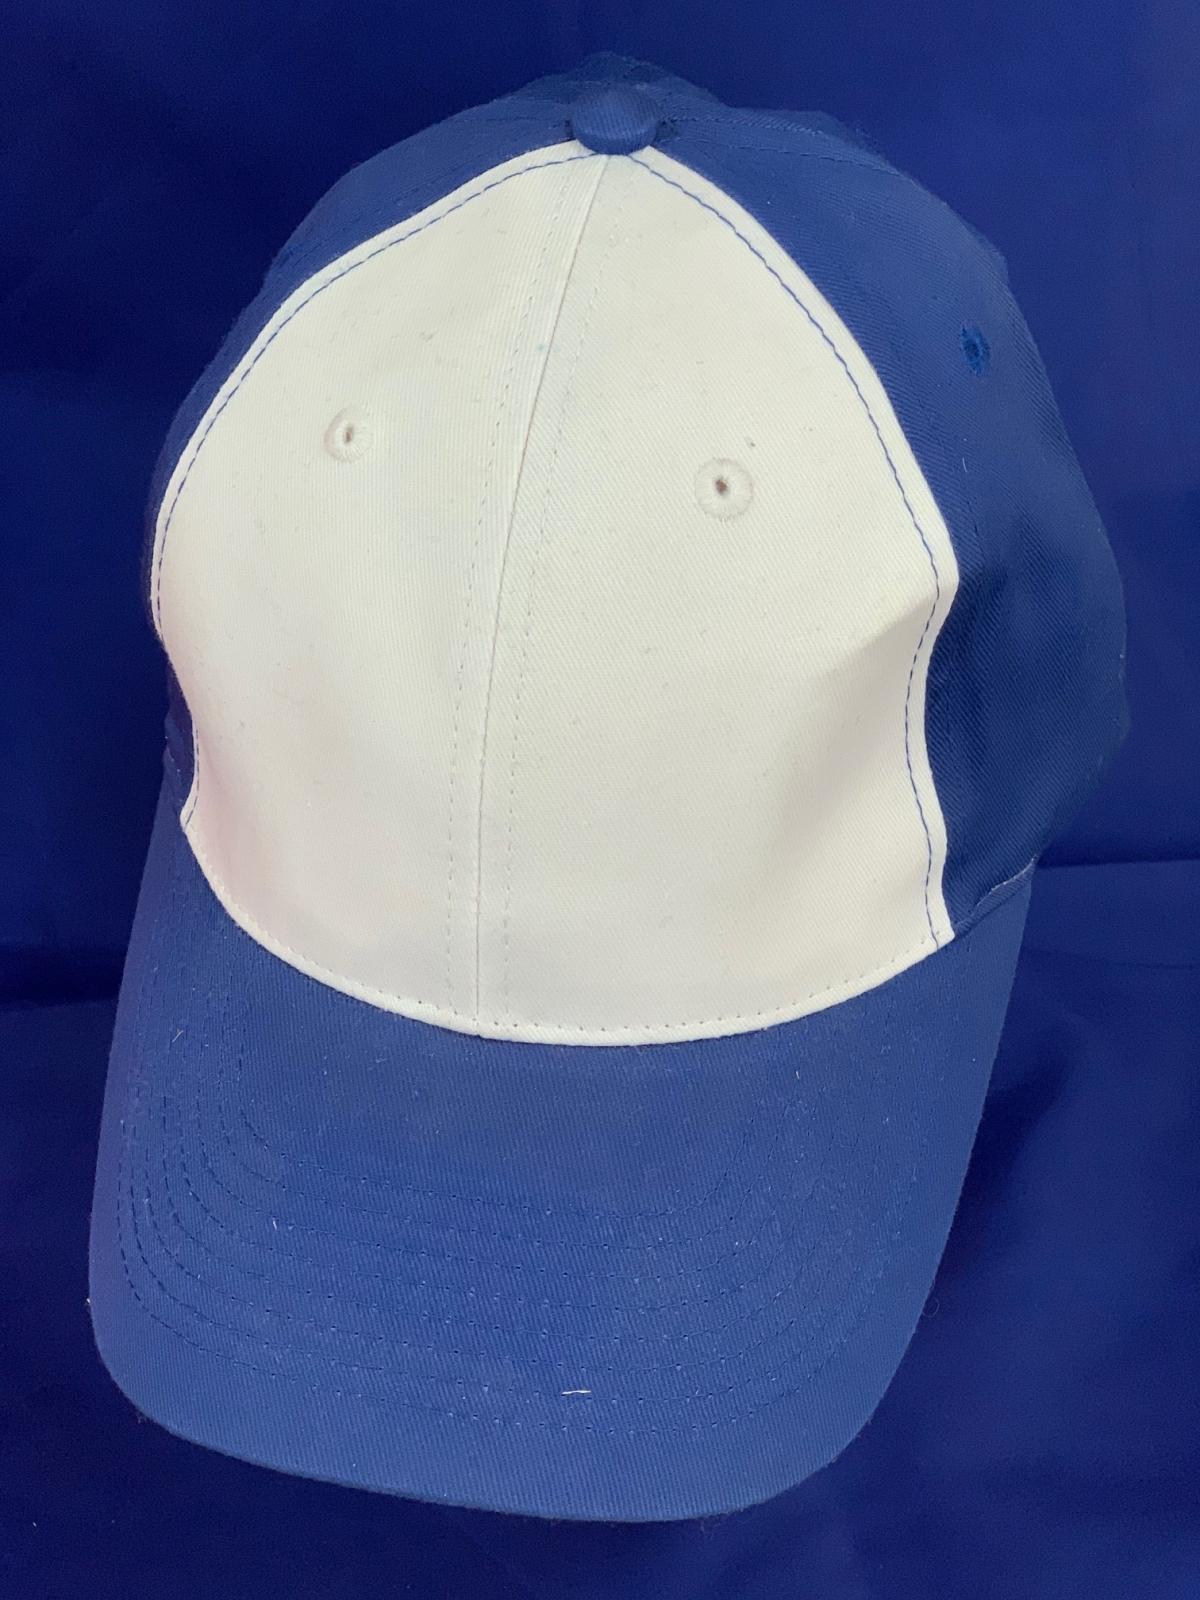 Синяя бейсболка с белыми вставками над козырьком